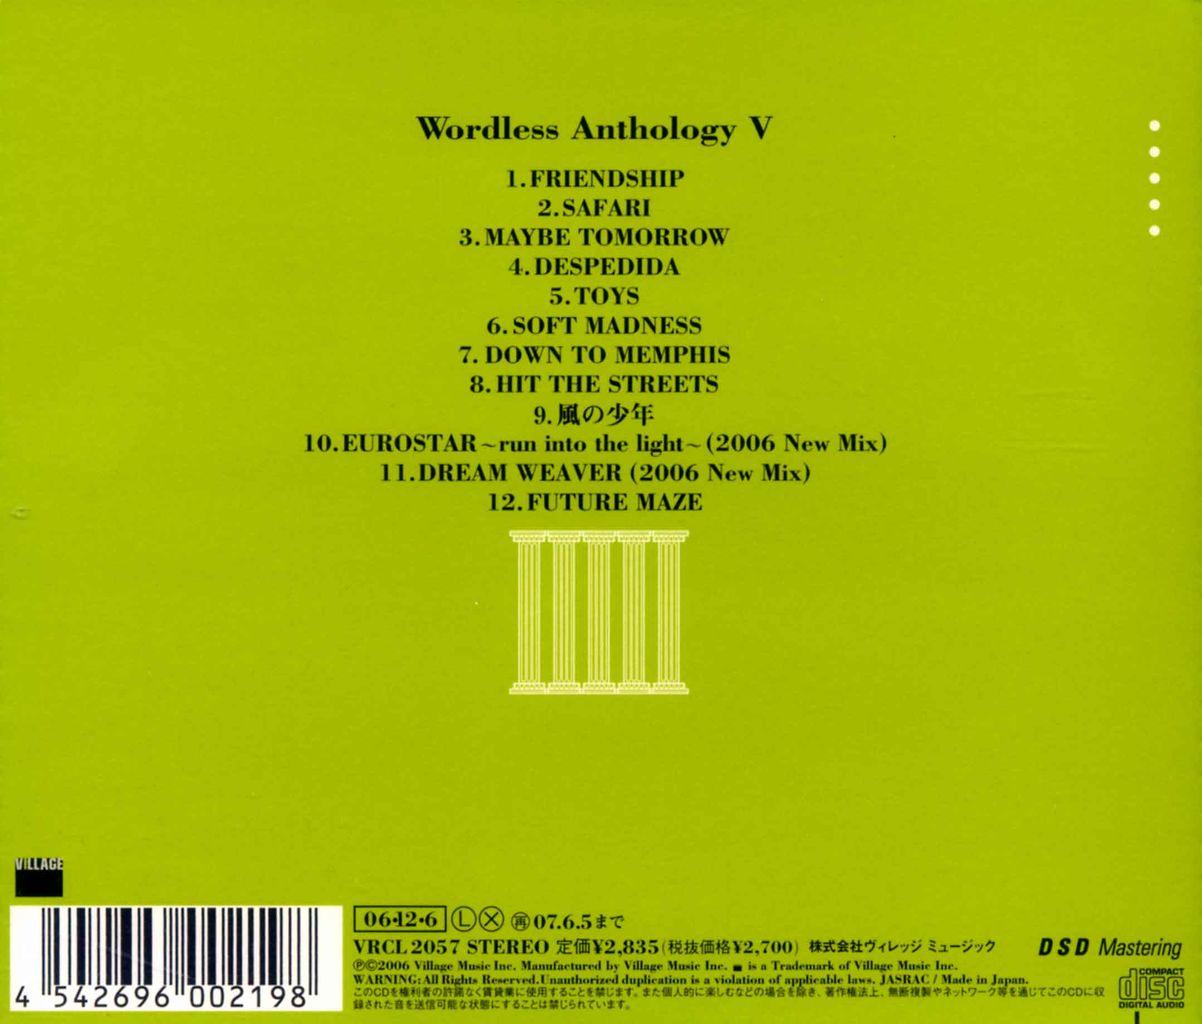 WORDLESS ANTHOLOGY V − MASAHIRO ANDOH SELECTION & REMIX-2